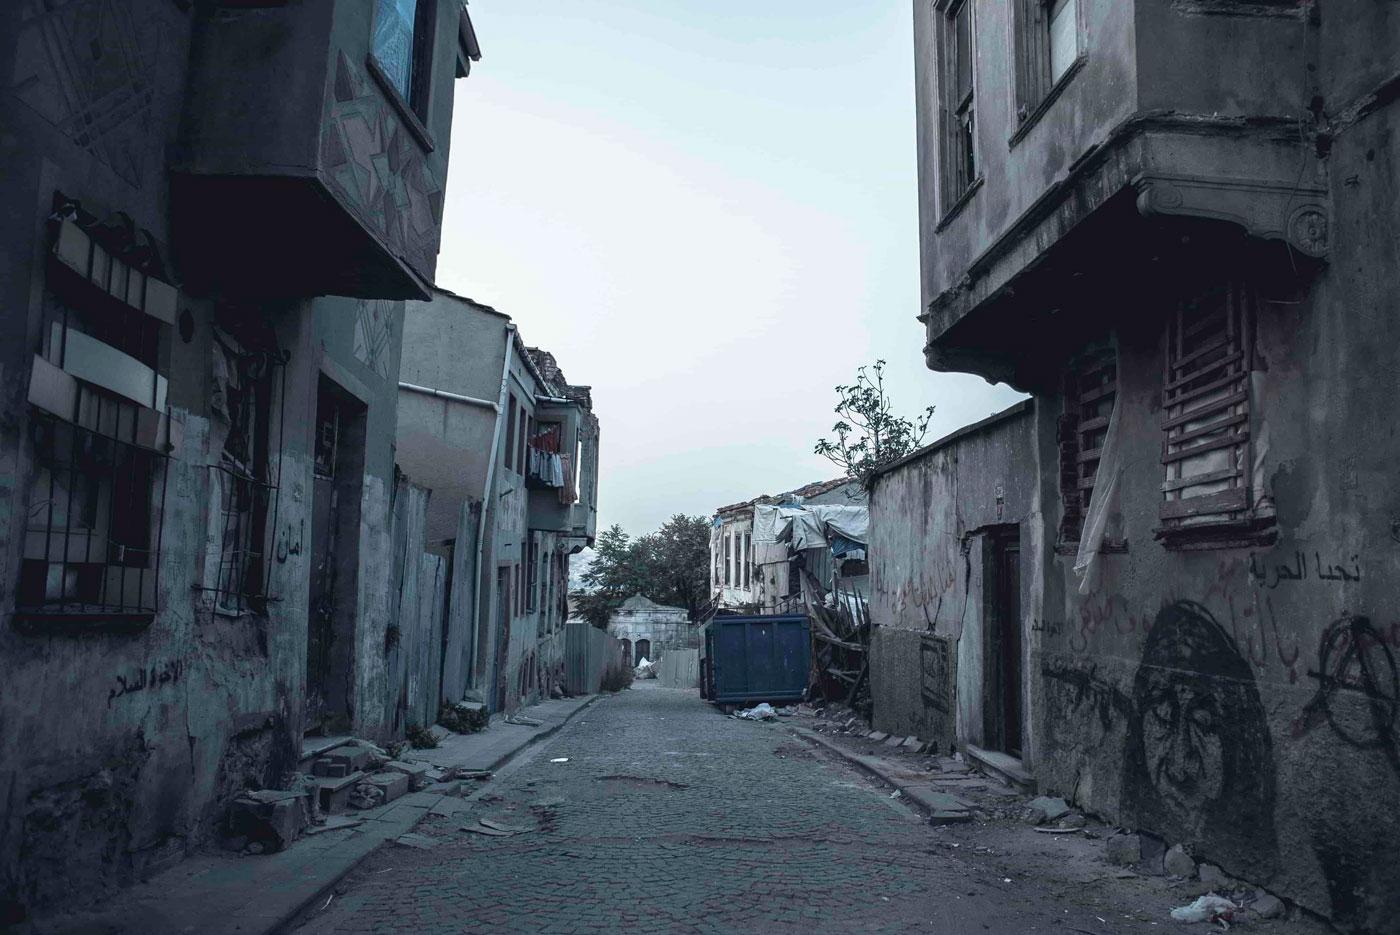 La situación de pobreza se traduce en aspectos como el estado de las viviendas, la malnutrición o los años de escolarización de una persona.